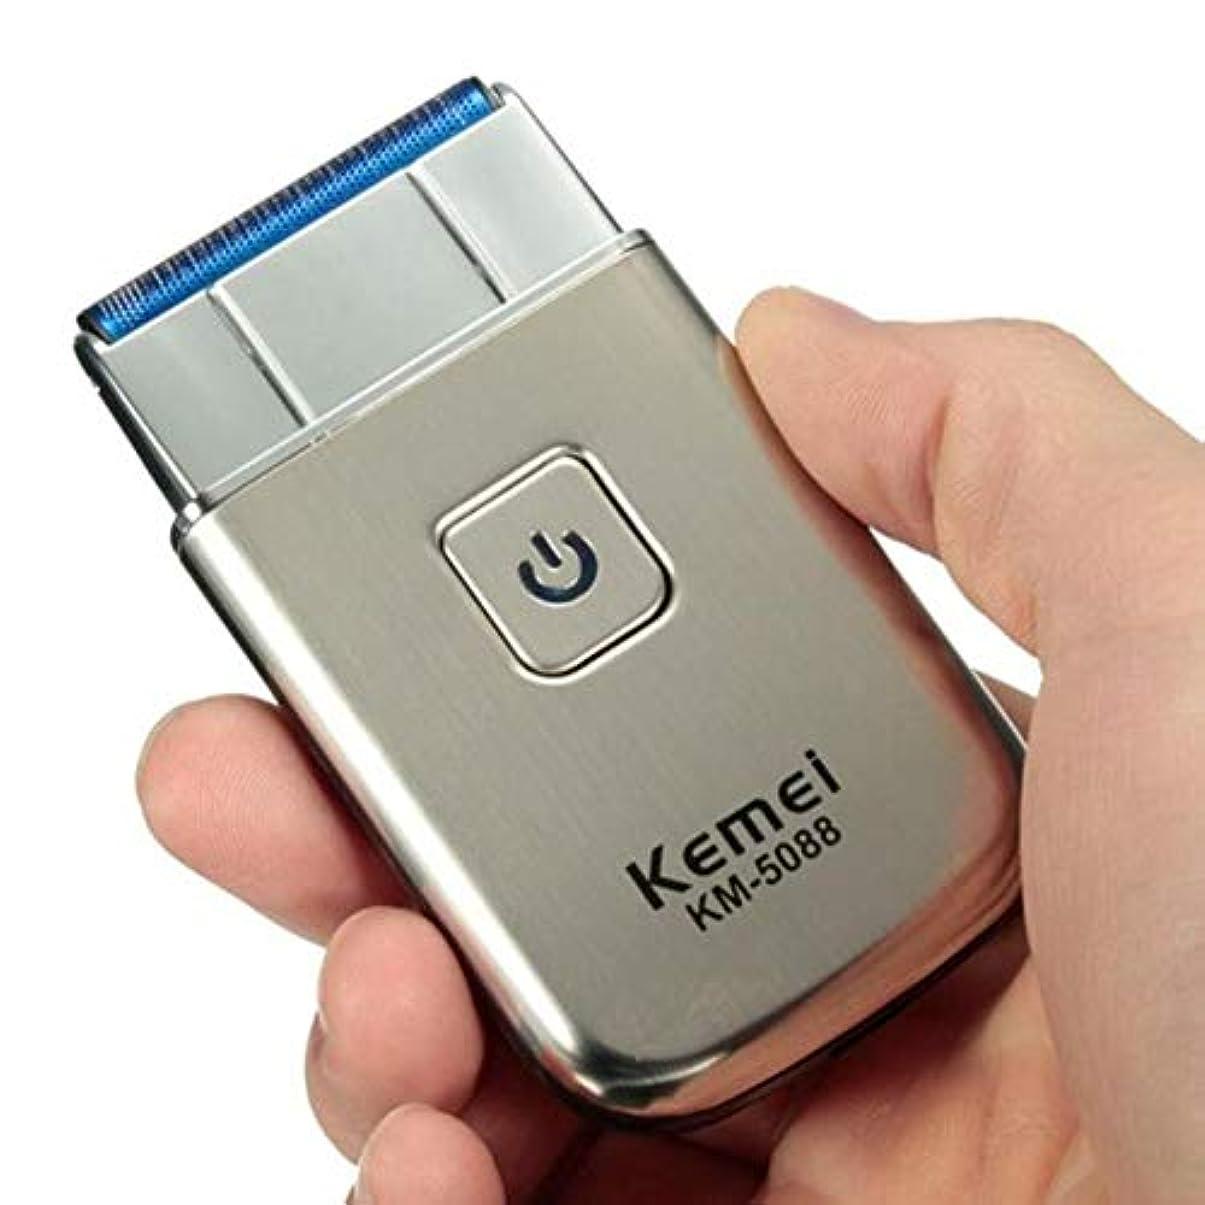 パテ構成員彼らミニポータブルメンズ電気USB充電式コードレスひげ髭剃り機Kemei KM - 5088